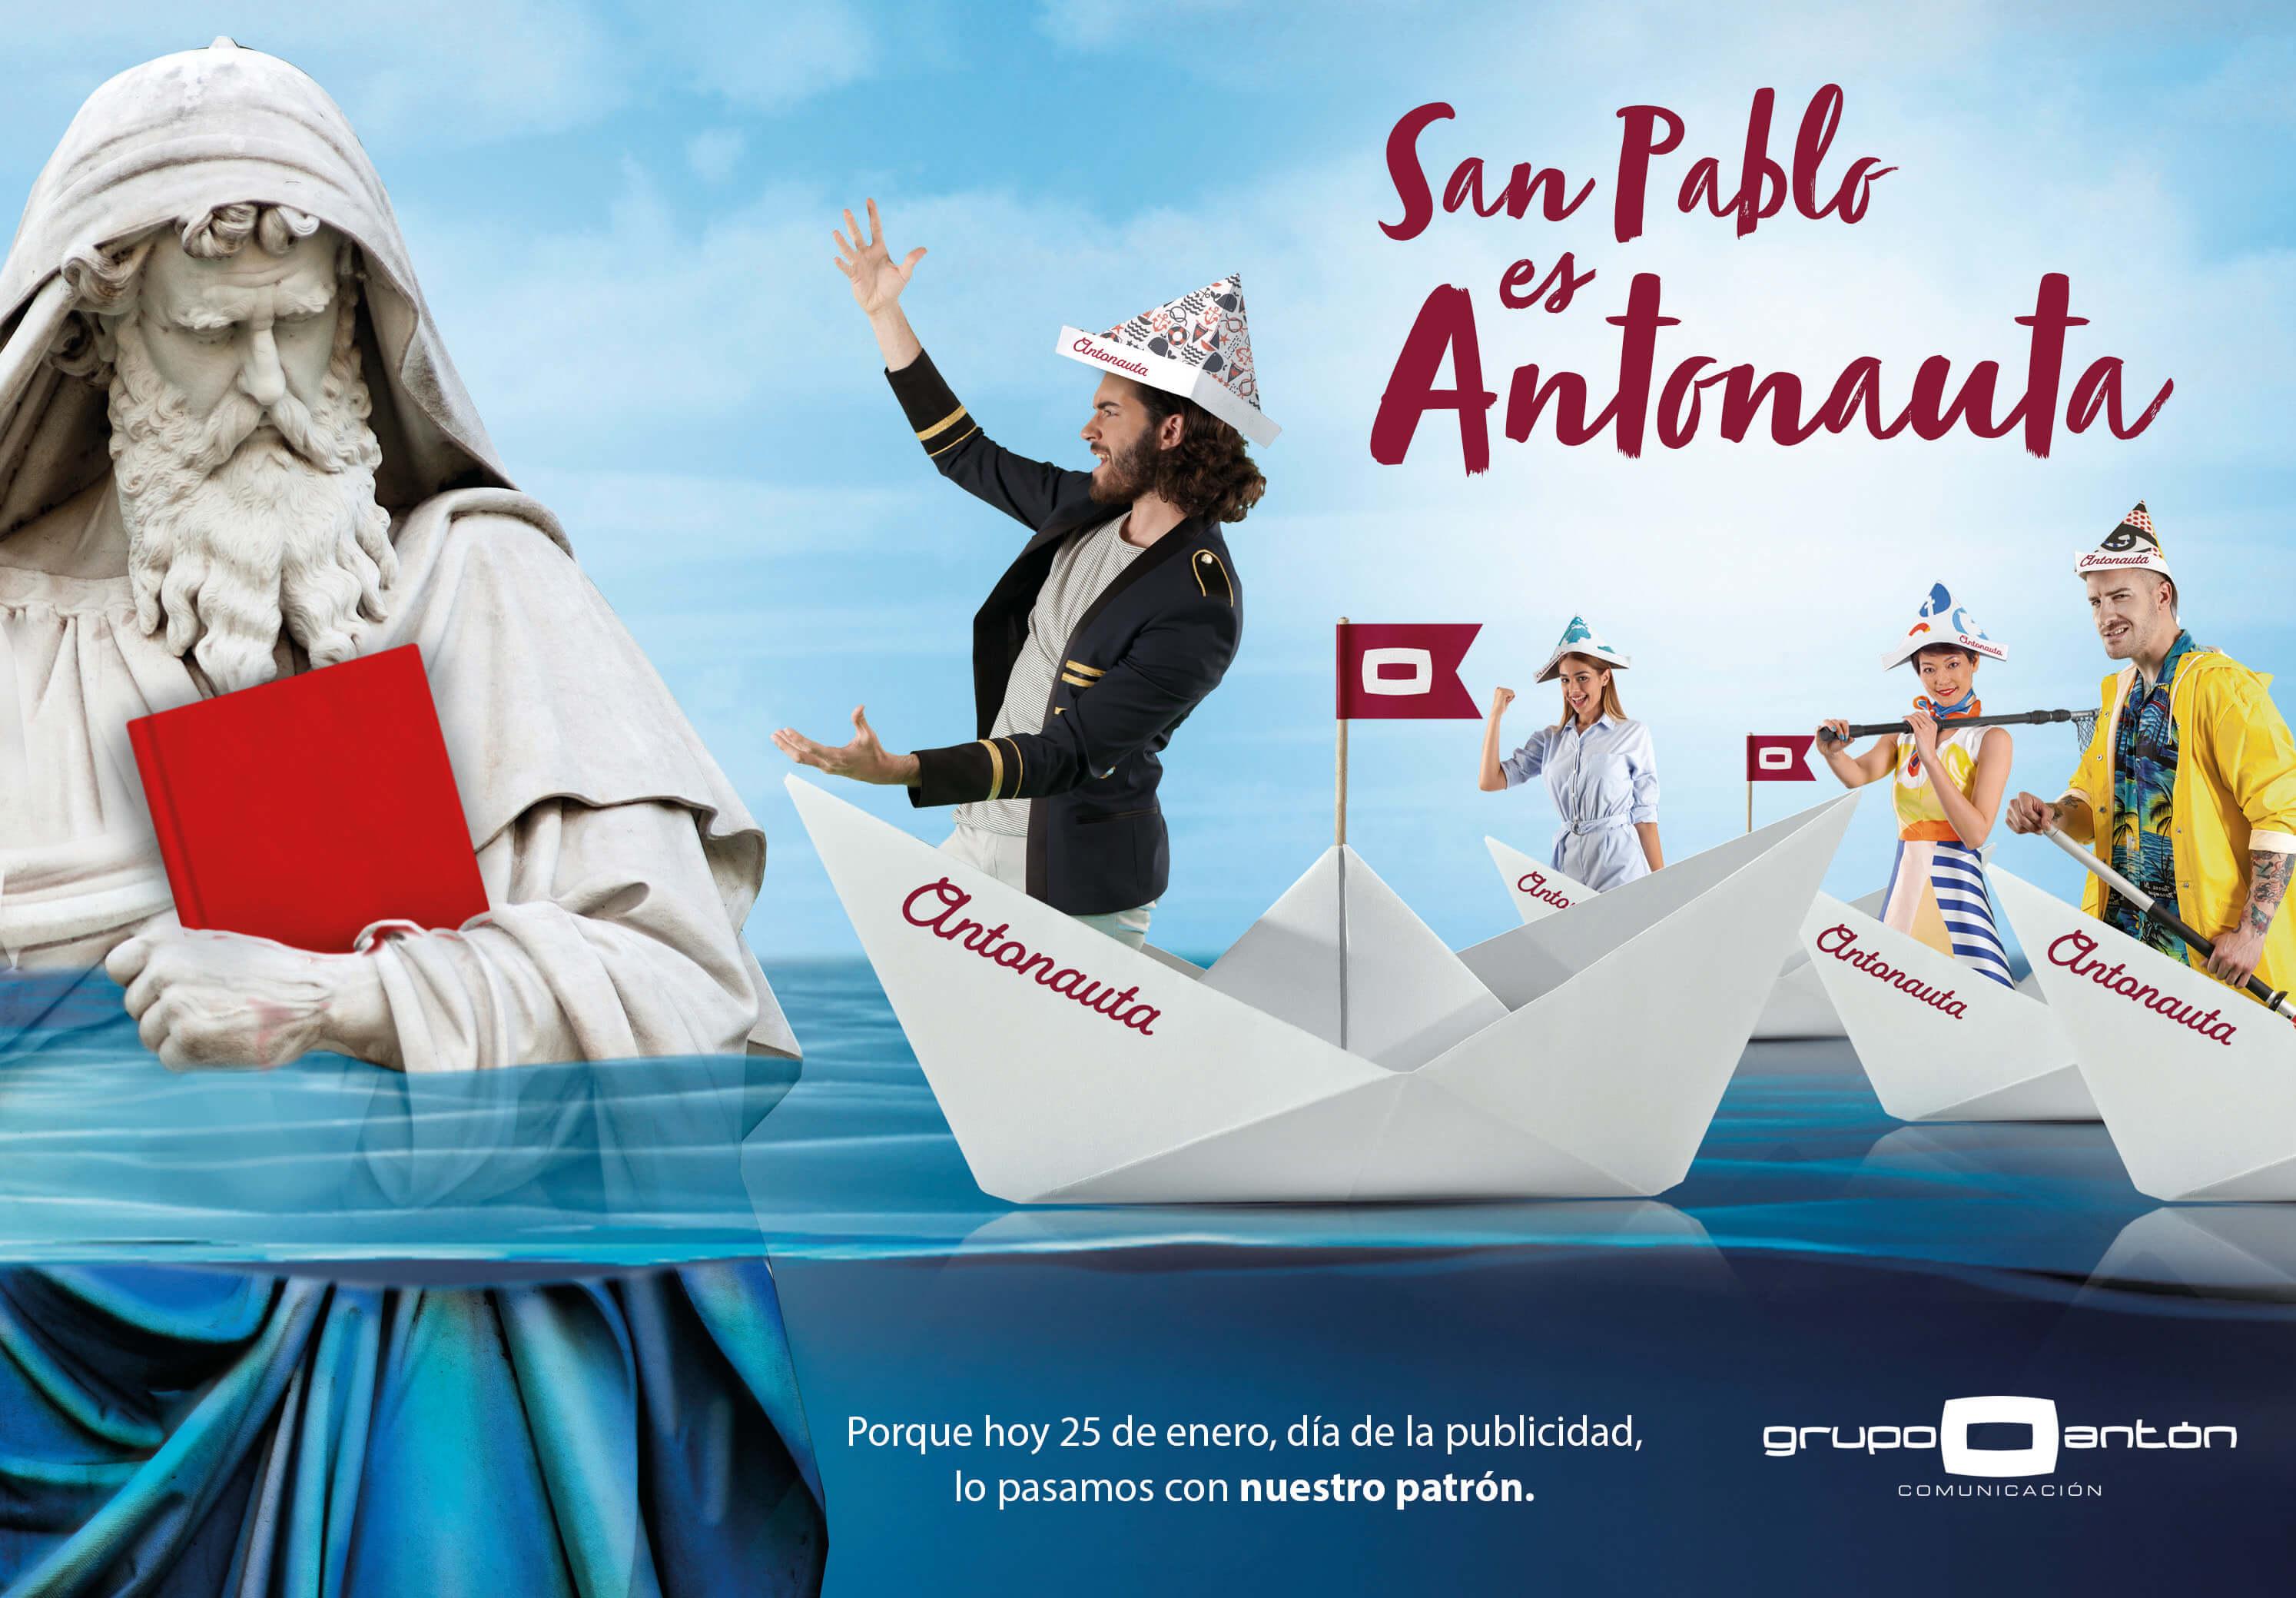 San Pablo es Antonauta